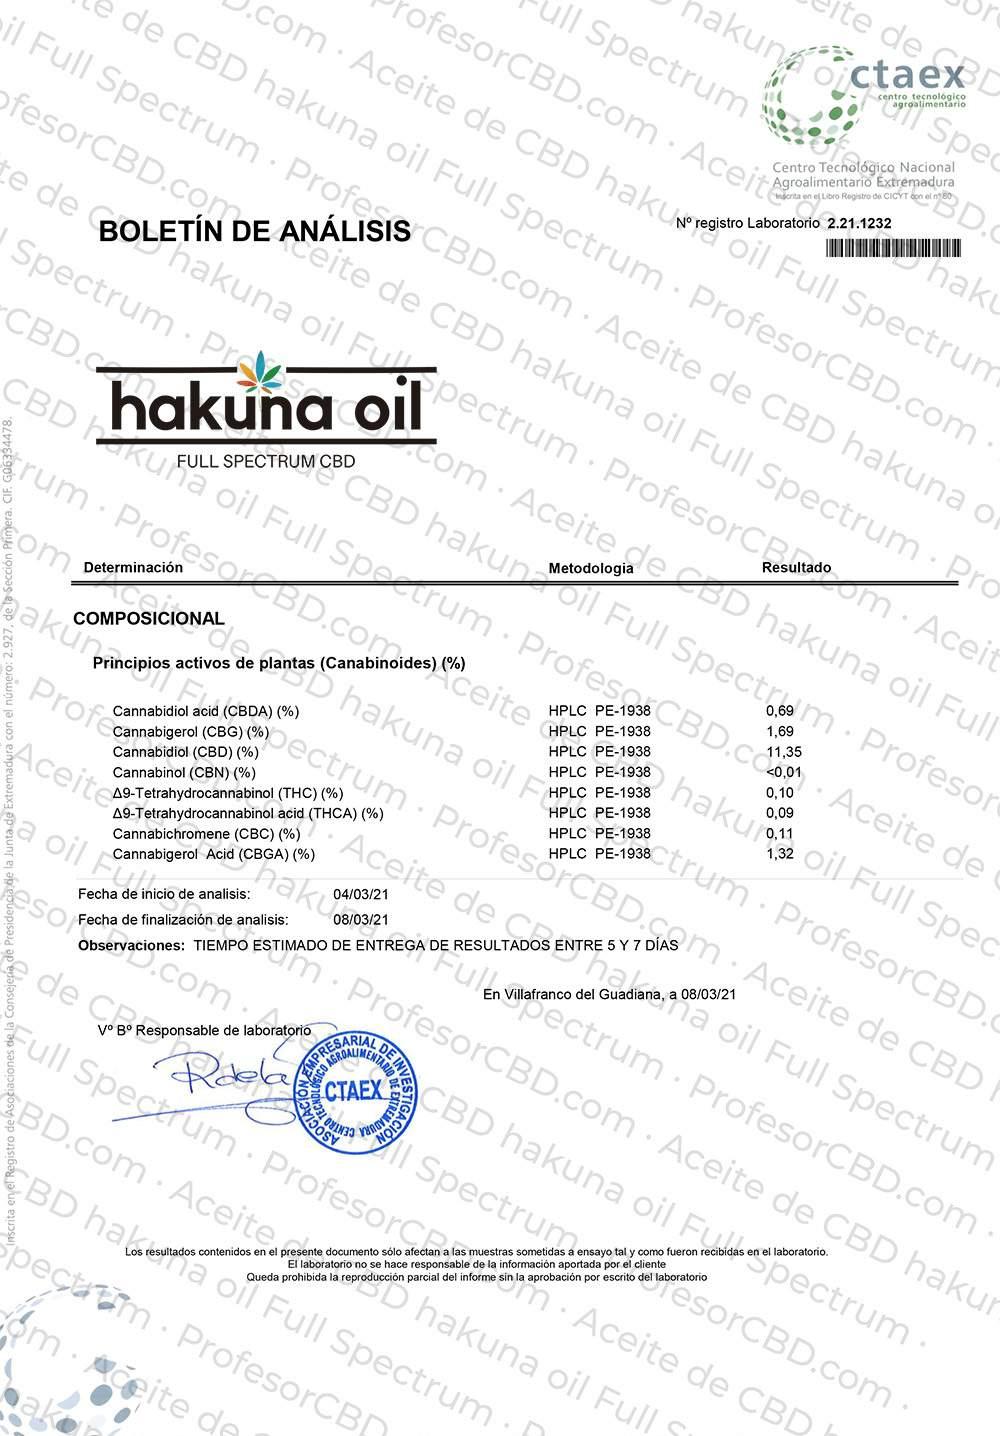 hakuna oil analítca cbd 500mg 5%